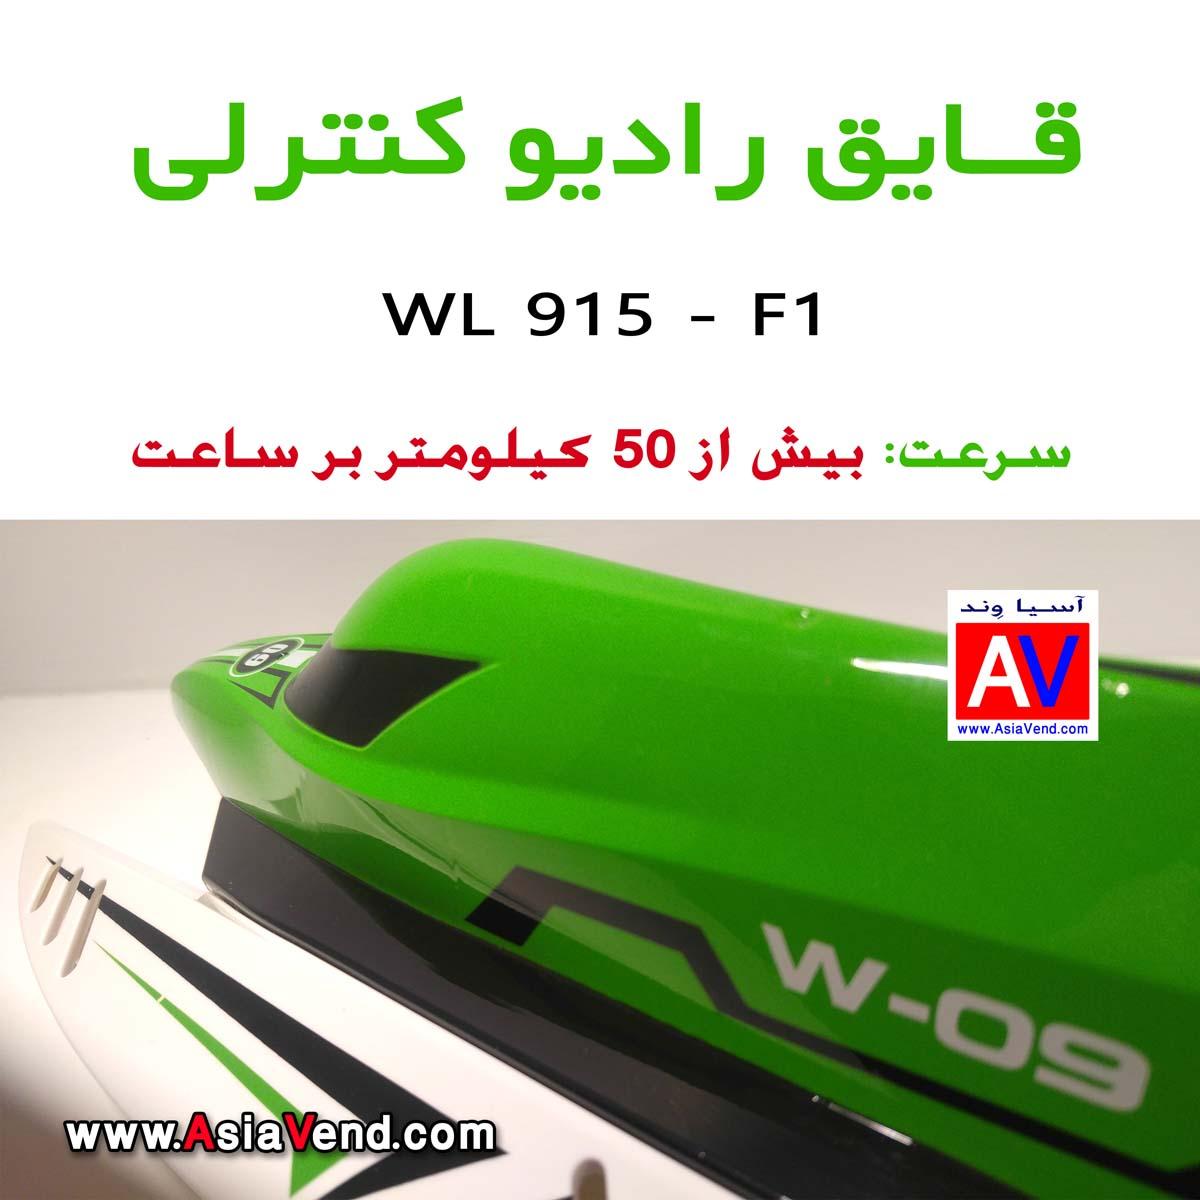 قایق wl915 قایق کنترلی WL 915